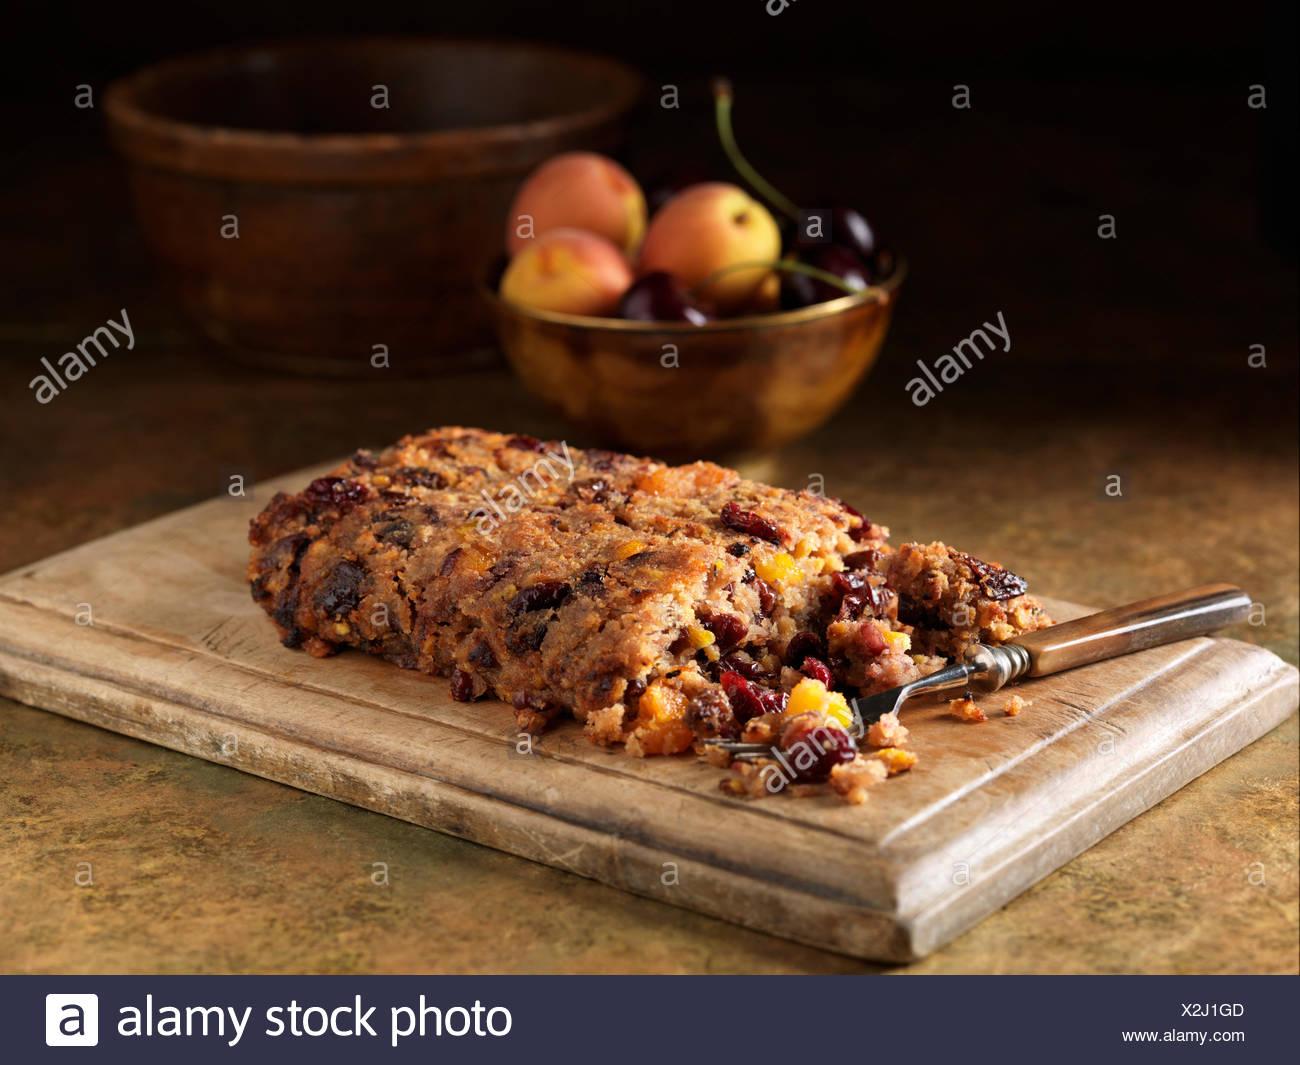 Festa di Natale ingredienti di maiale e marasca ripieno con ciliegie e pesche Immagini Stock